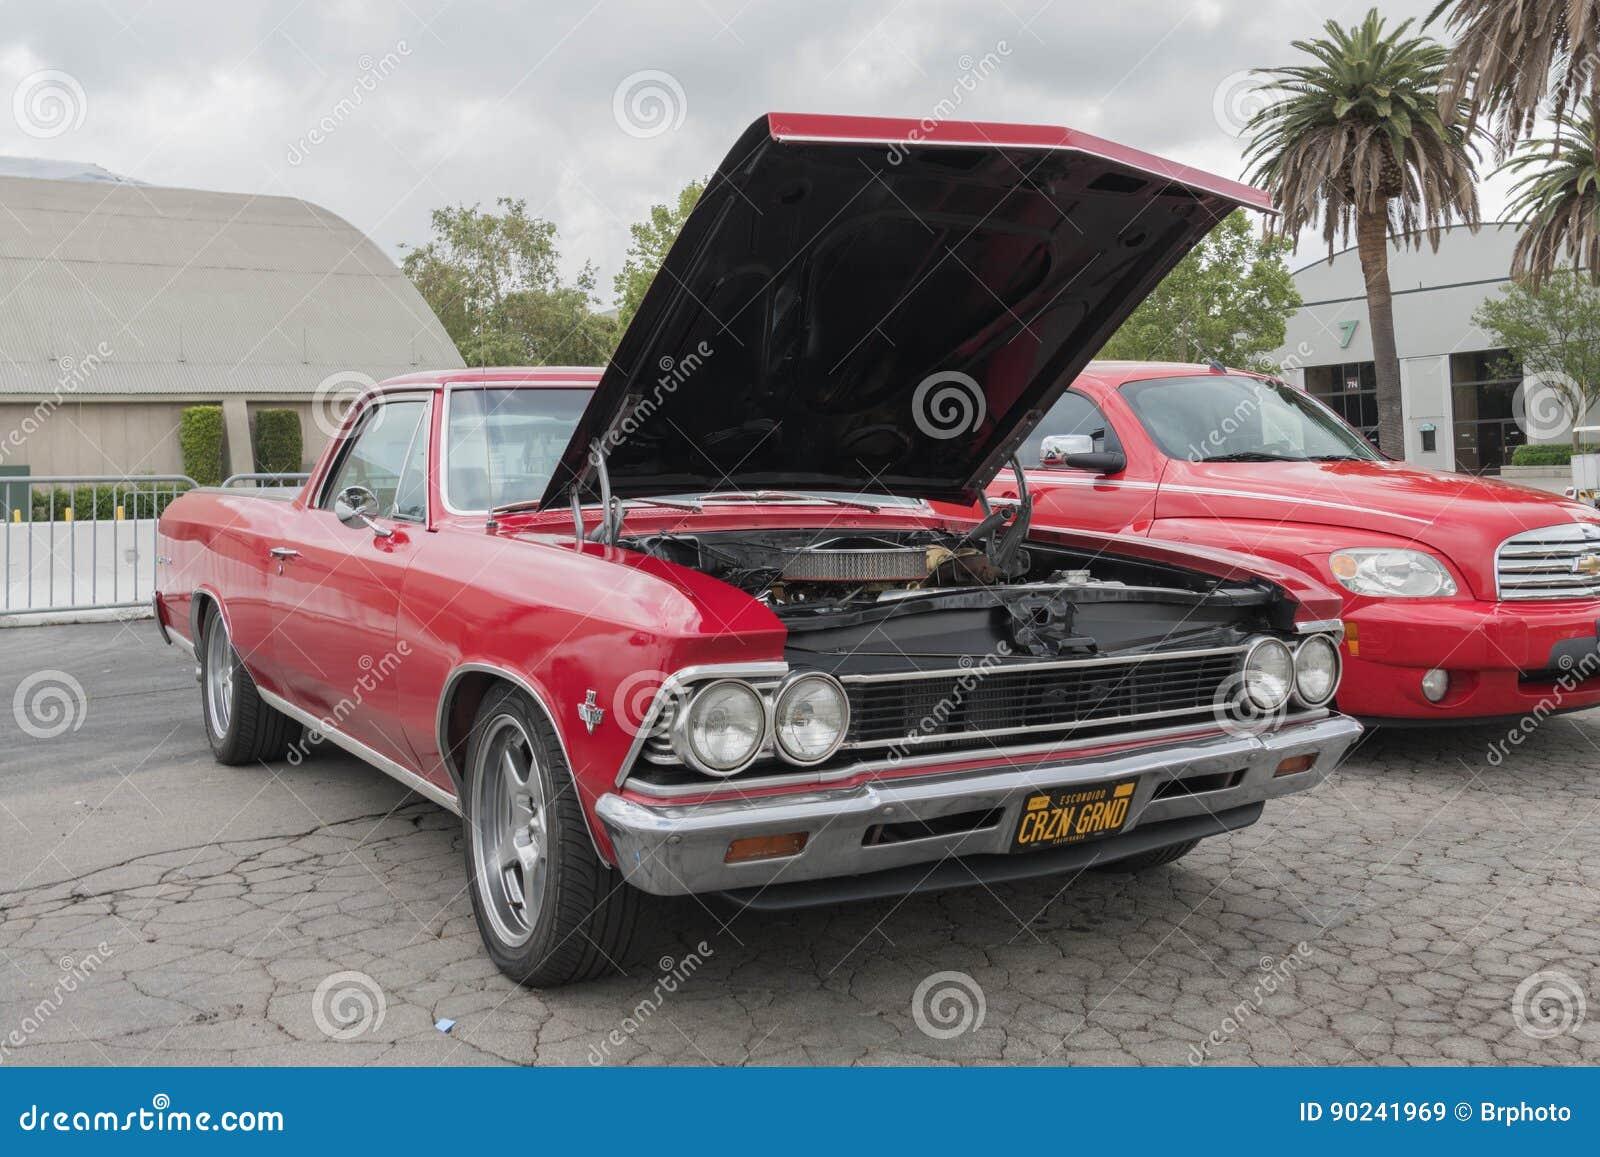 2017 Chevy El Camino >> Chevrolet El Camino On Display Editorial Stock Image Image